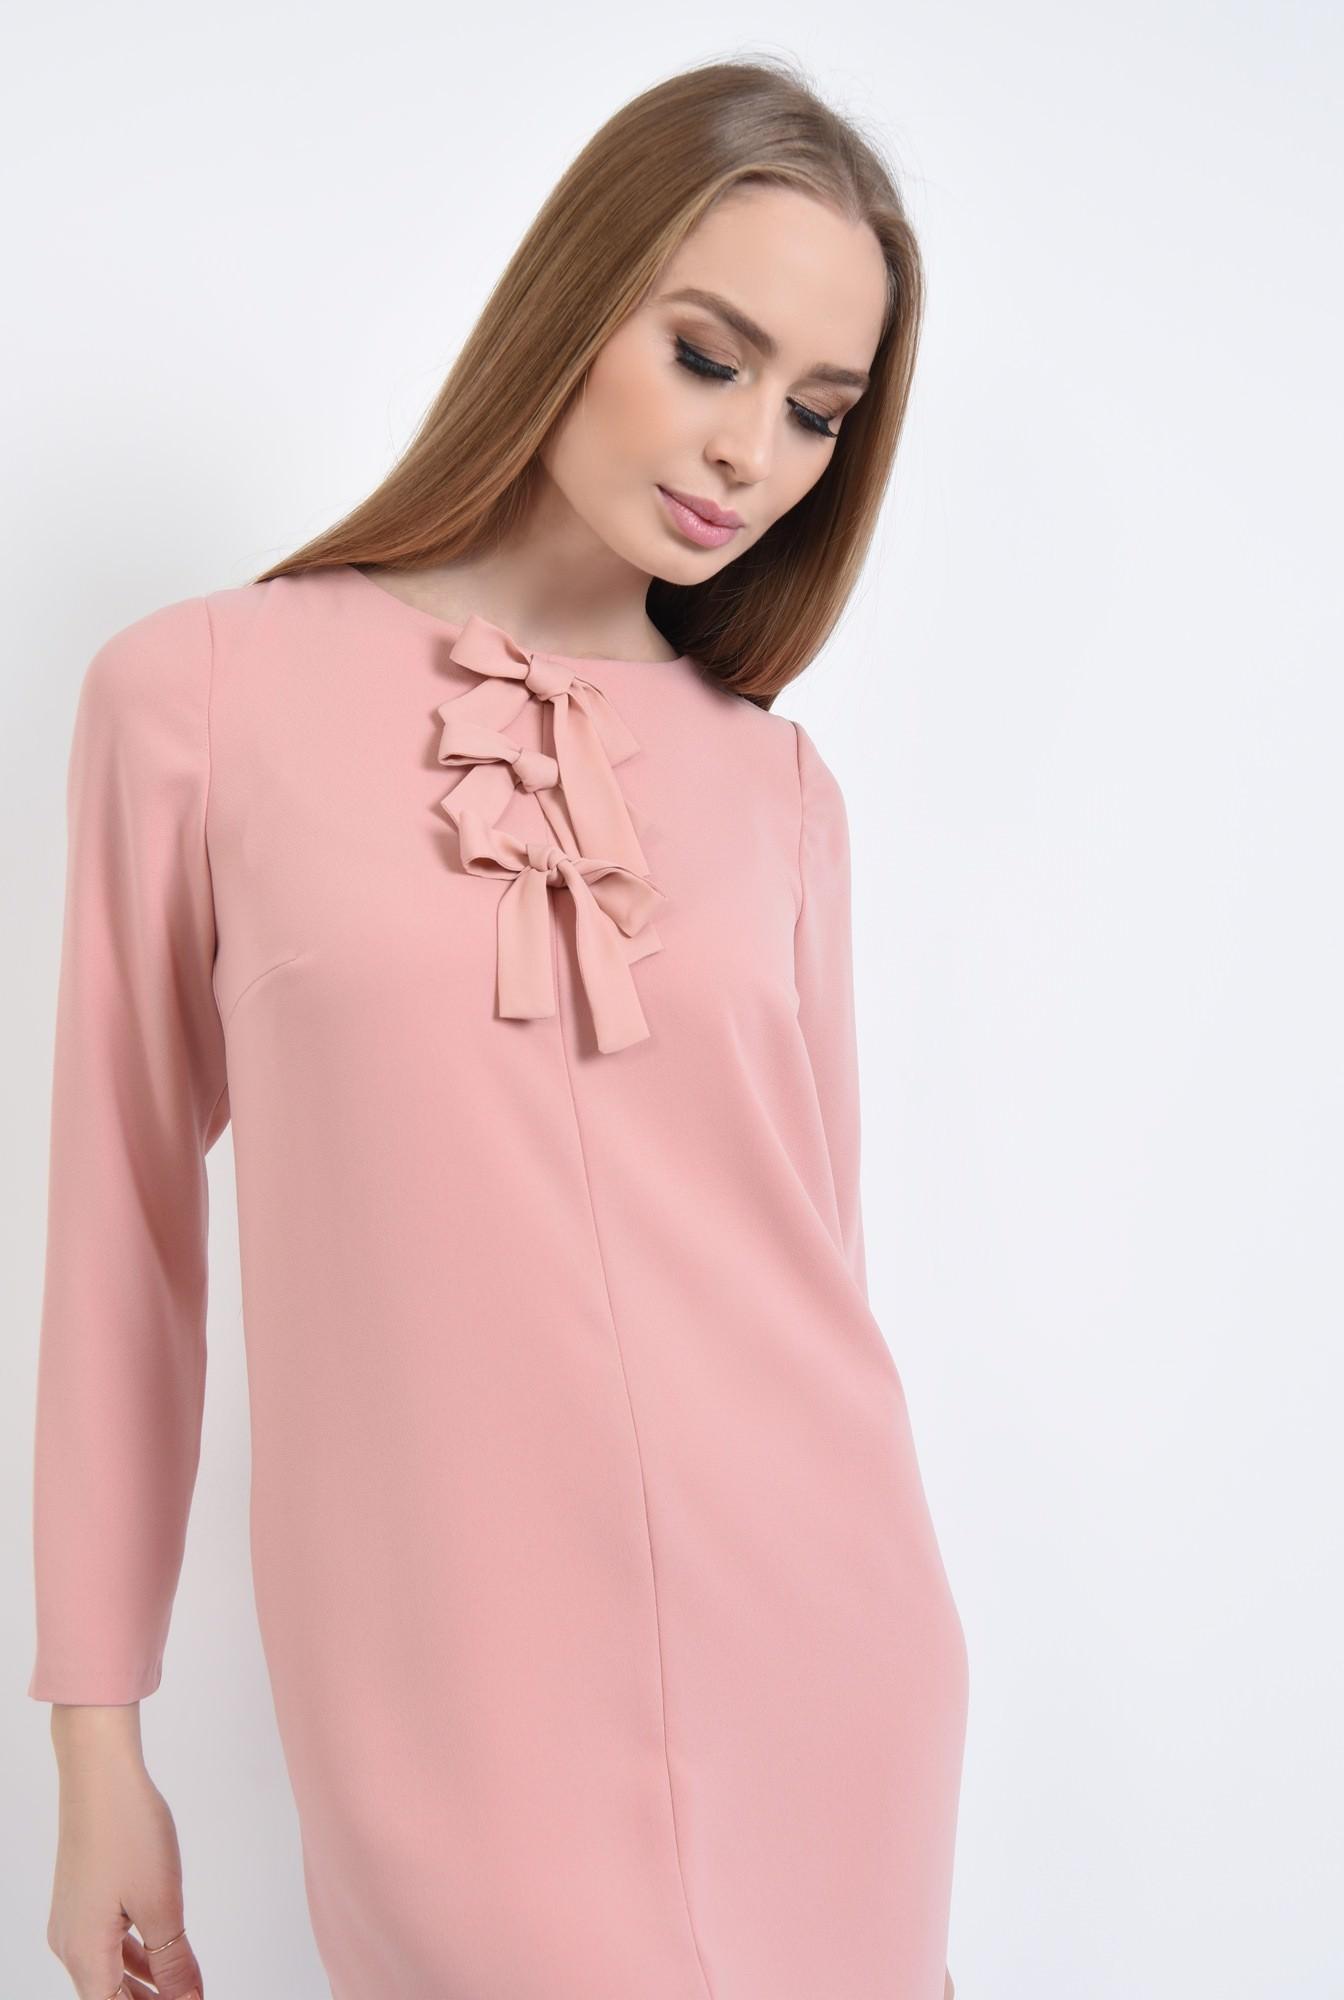 2 - Rochie casual scurta, roz